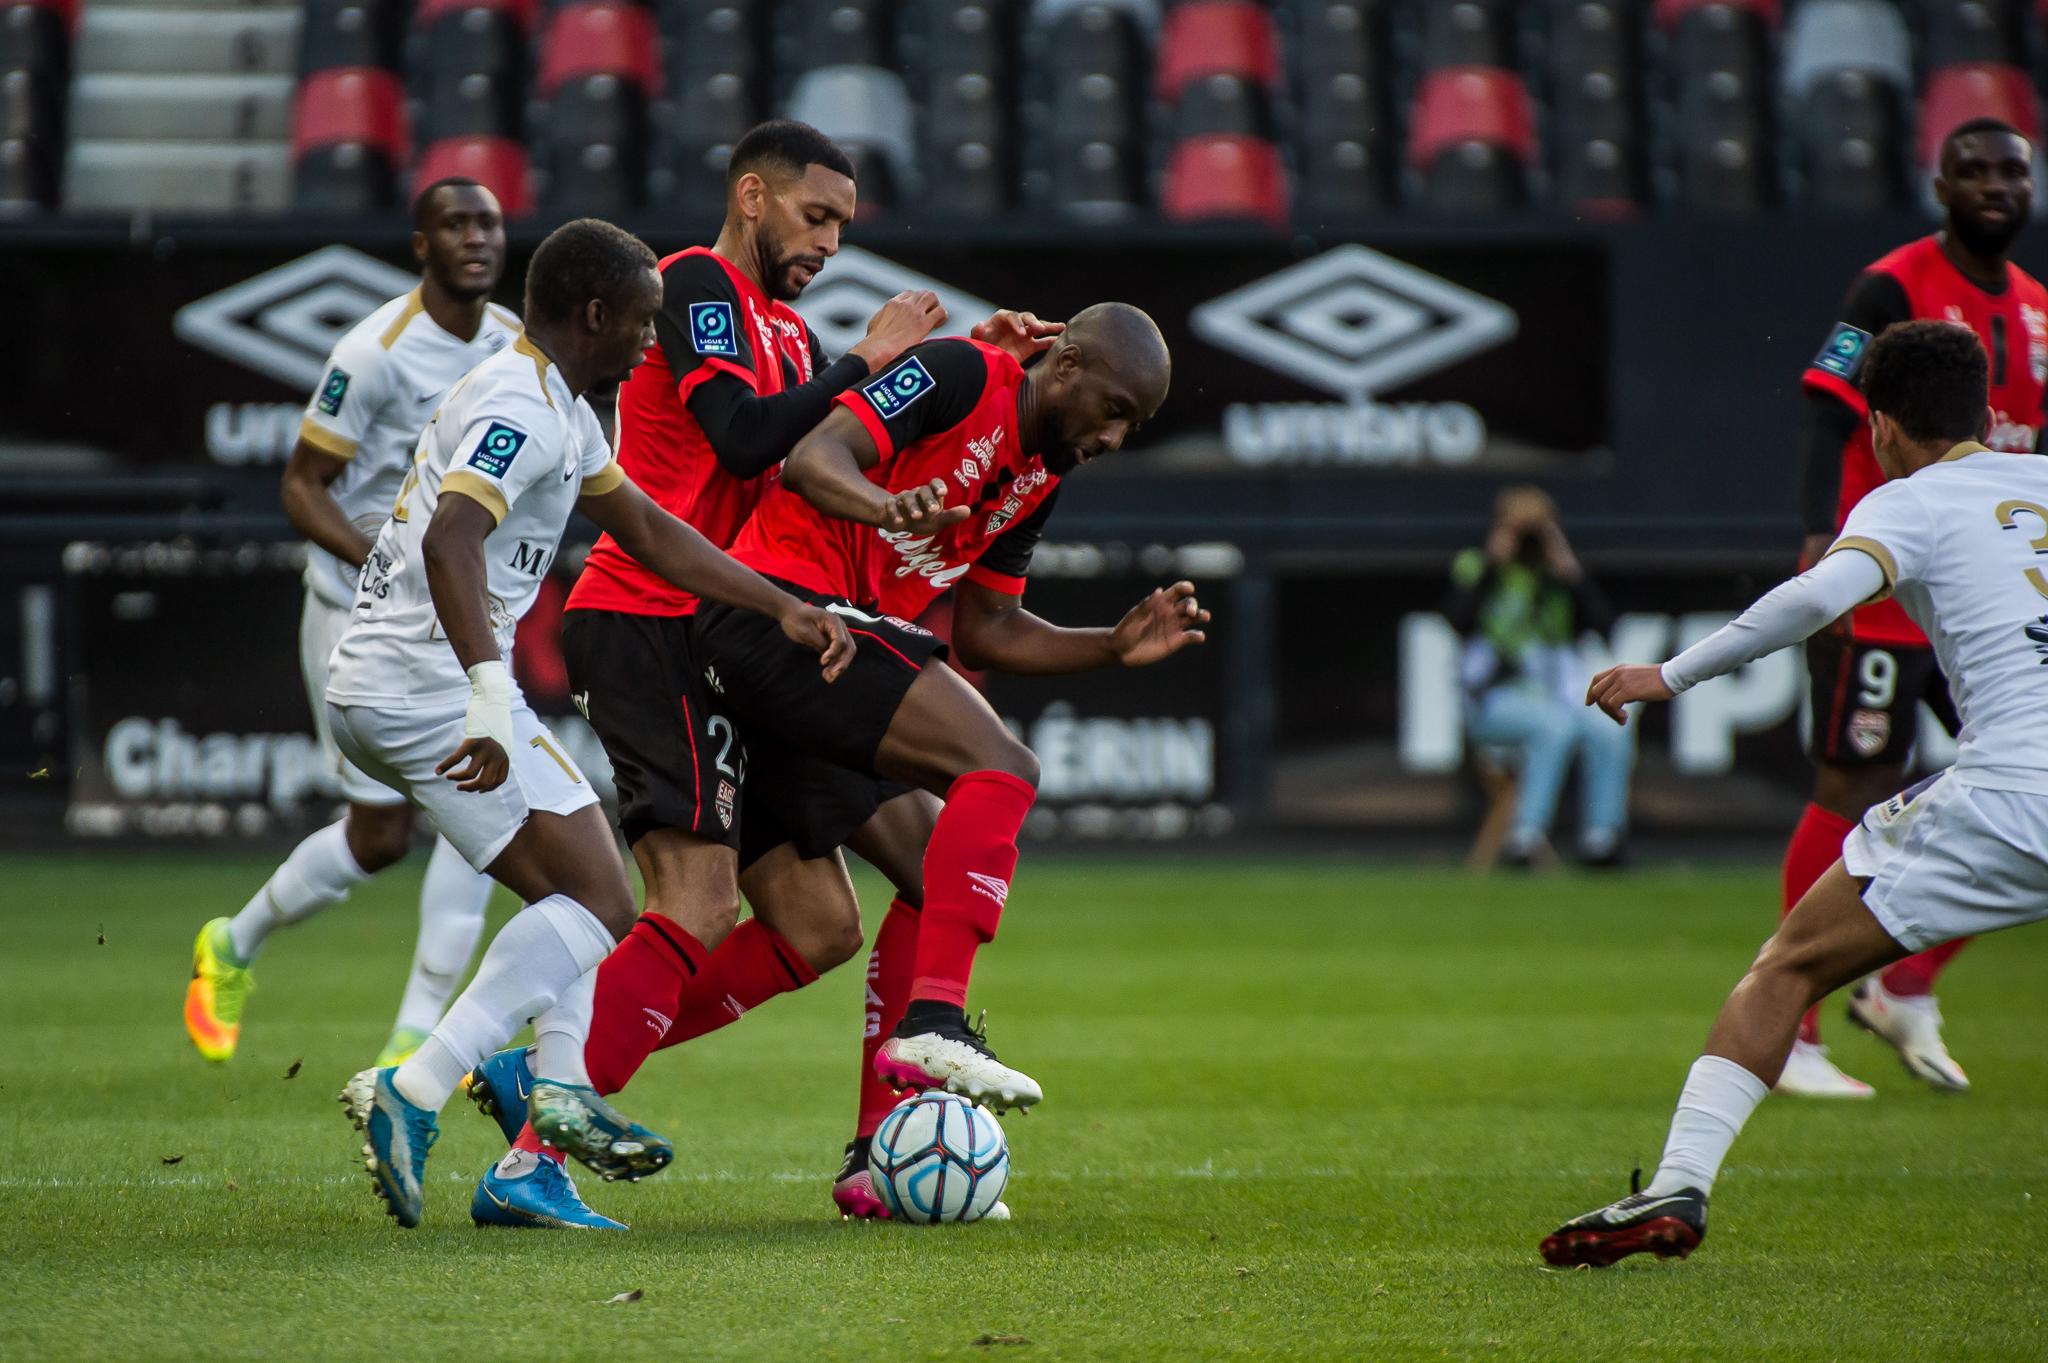 EA Guingamp La Berrichonne Châteauroux J37 Ligue 2 BKT EAGLBC 2-0 Stade de Roudourou FRA_5525